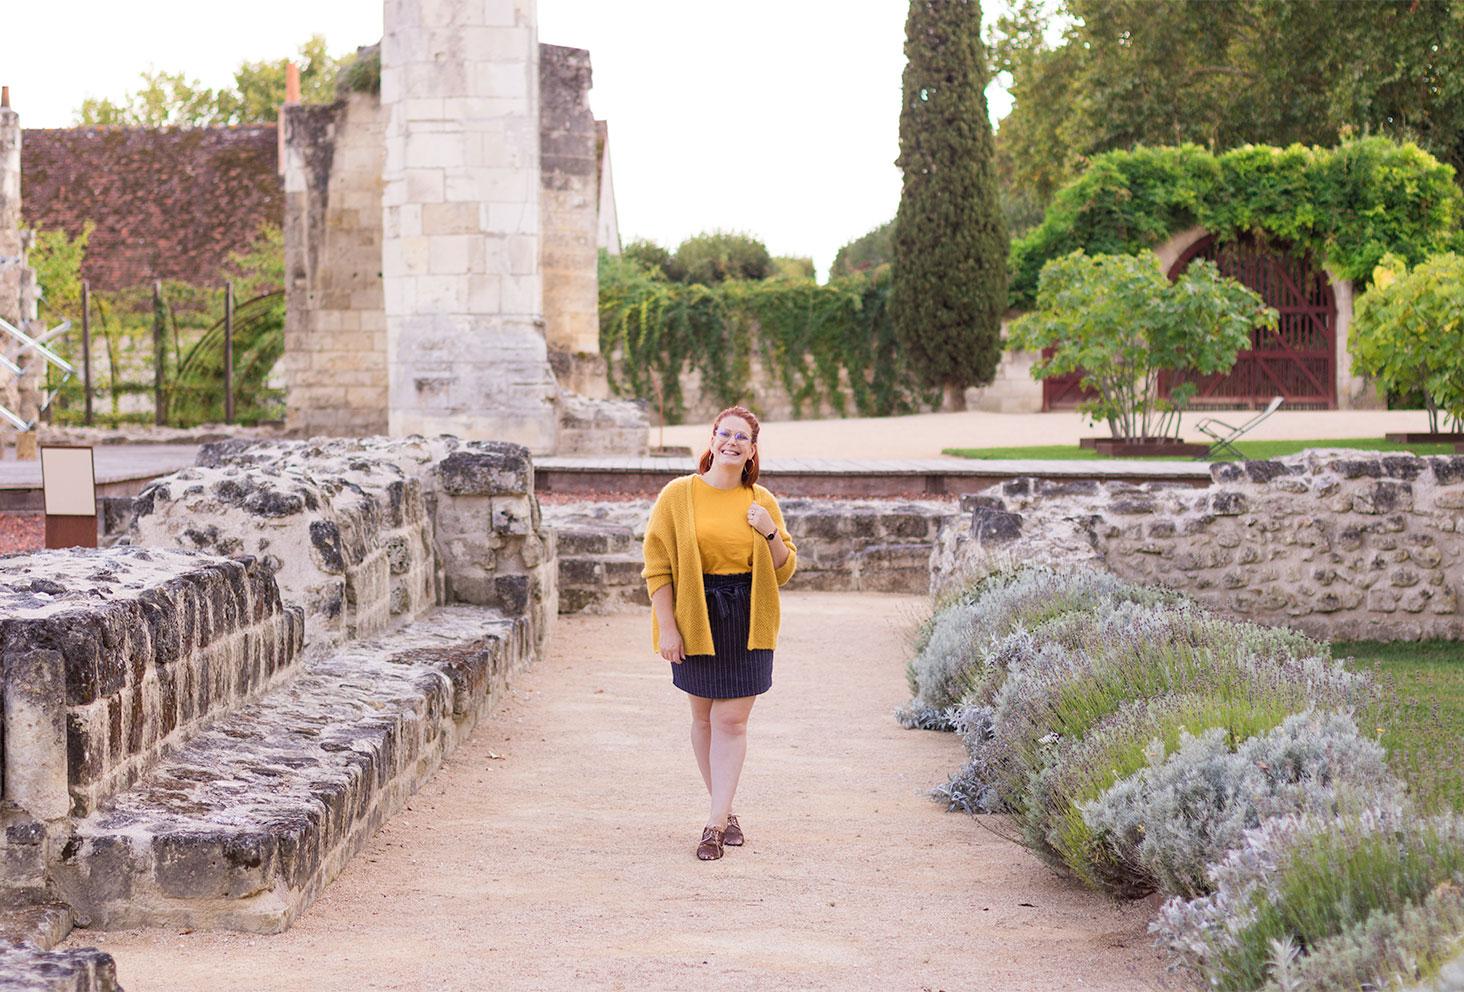 Au milieu des ruines en pierre, en jupe bleue et gilet jaune